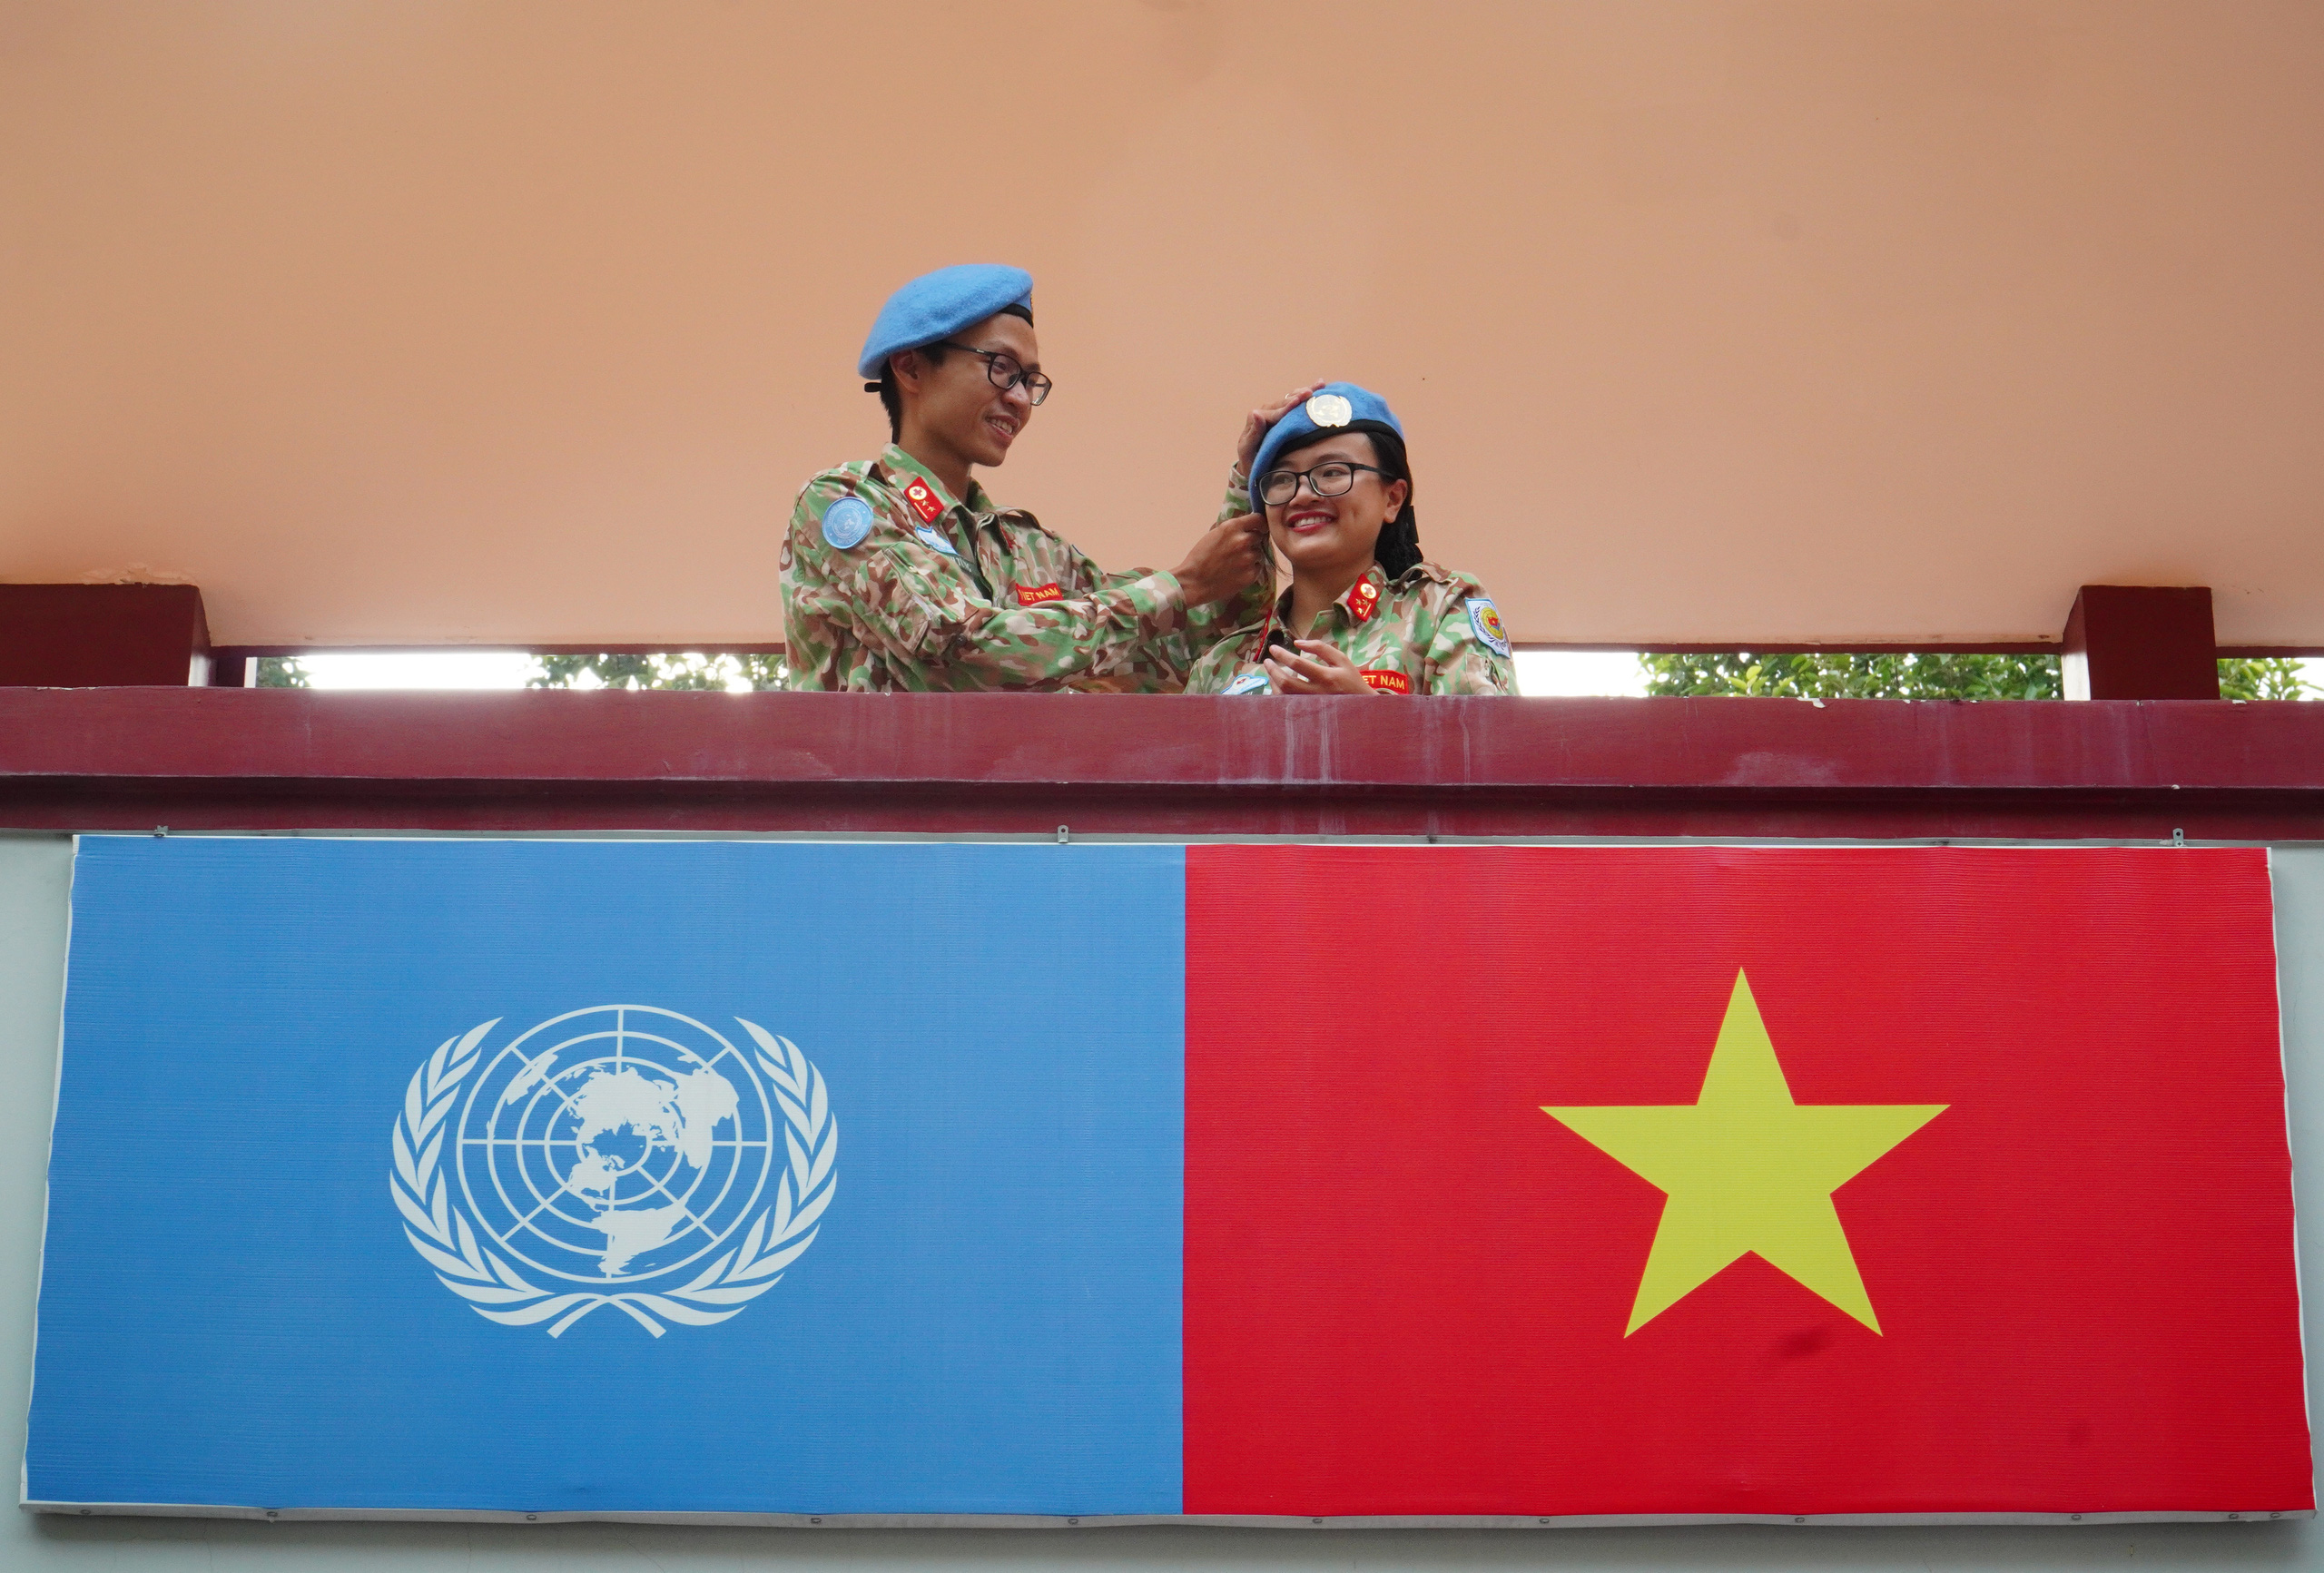 Gác chuyện riêng, vợ chồng mũ nồi xanh lên đường gìn giữ hòa bình - Ảnh 6.